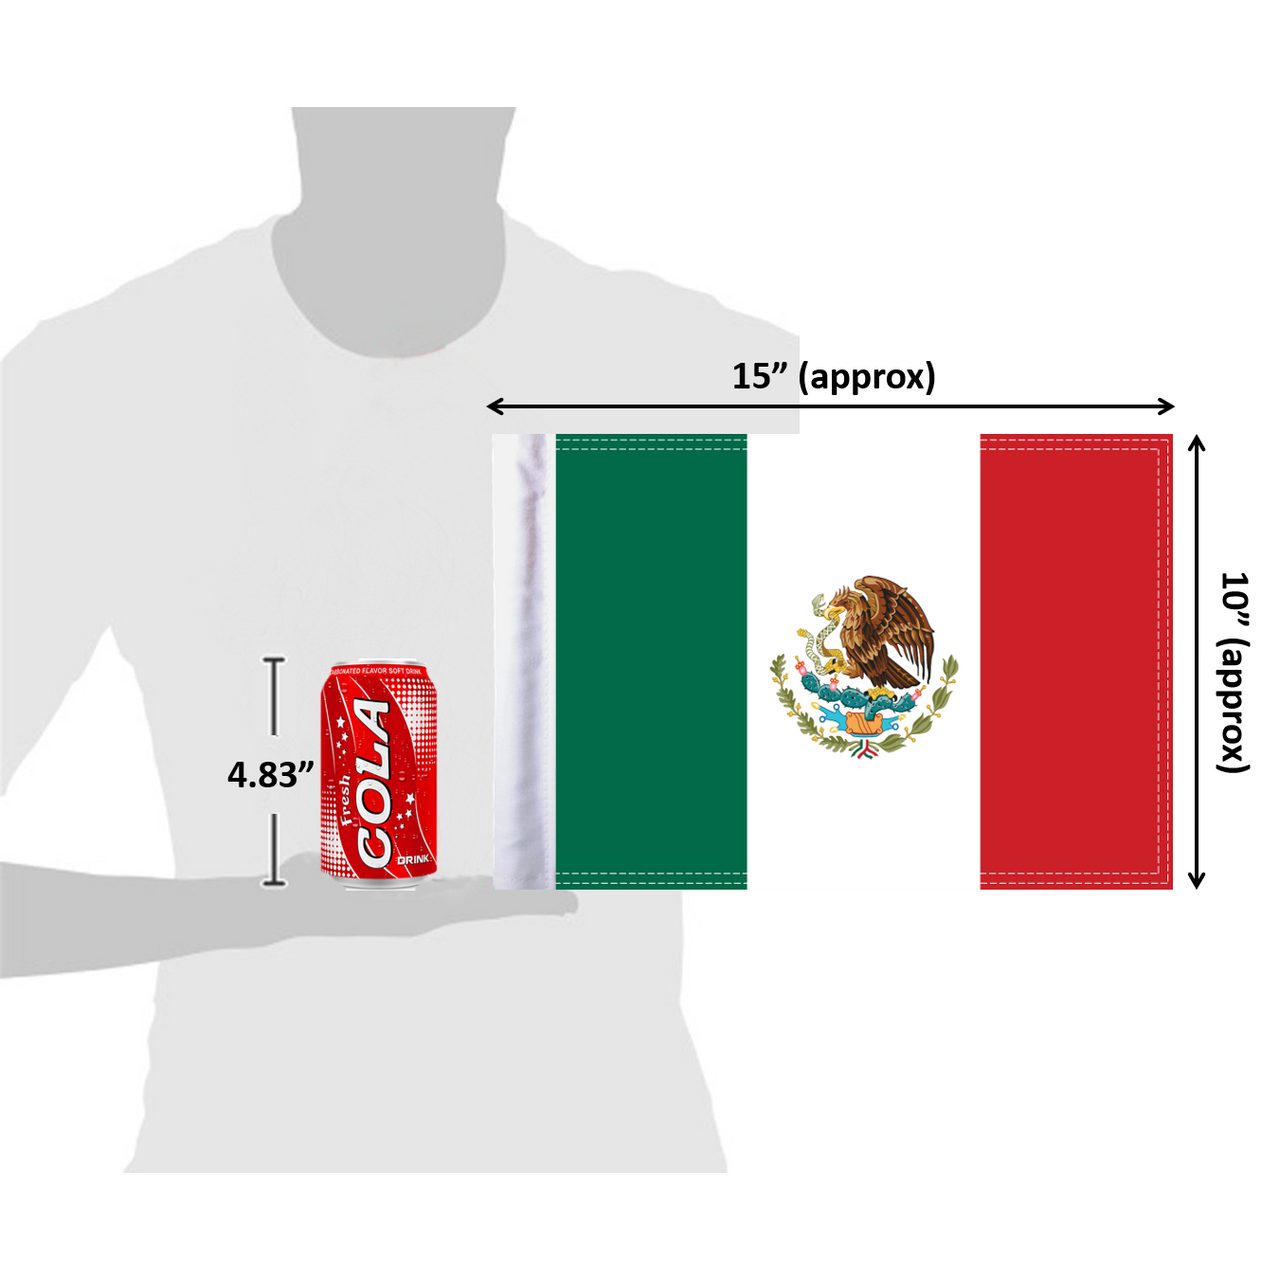 """10""""x15"""" Mexico flag (size comparison view)"""